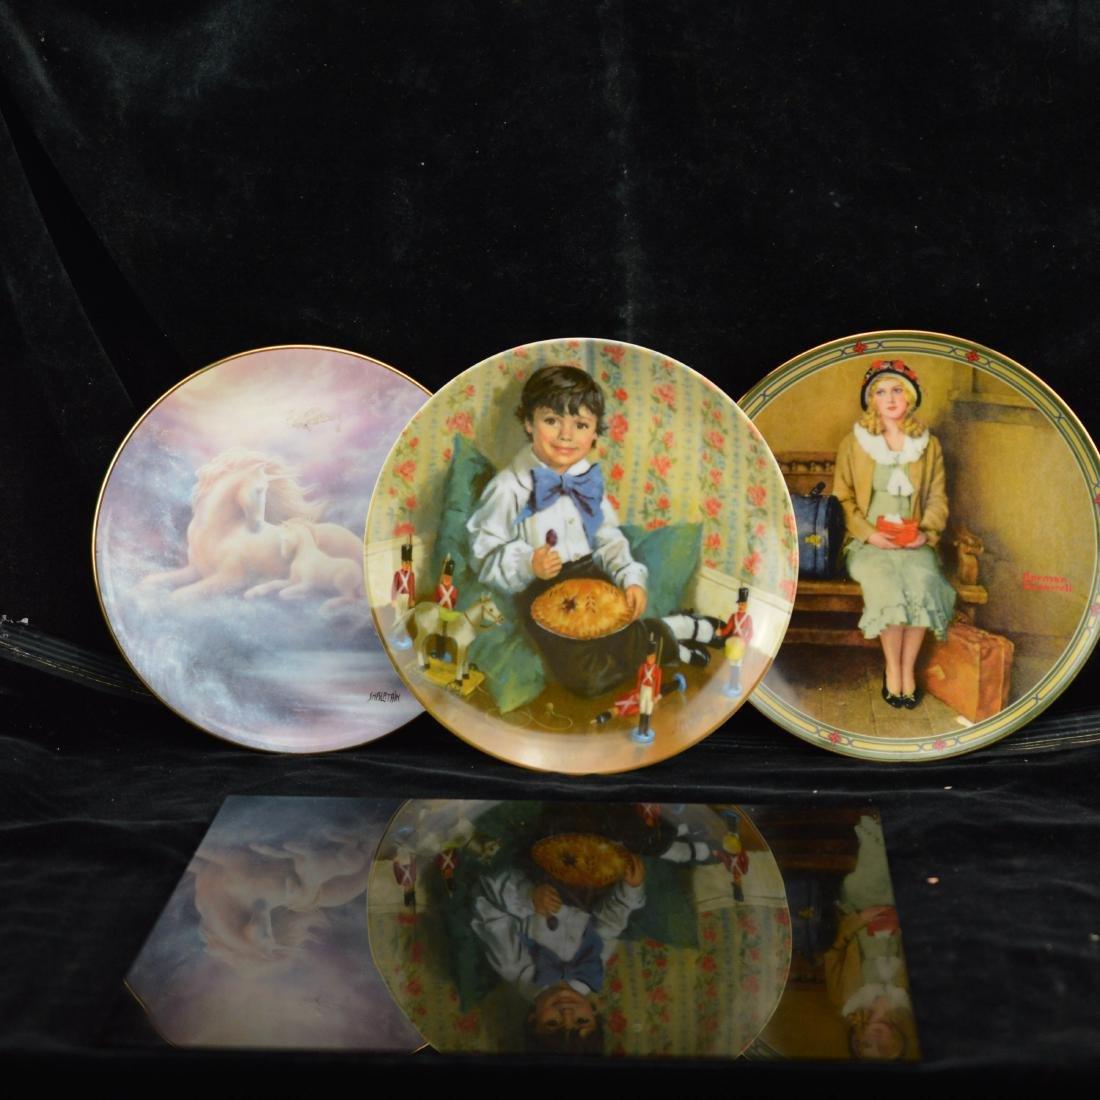 3 color print decorative plates